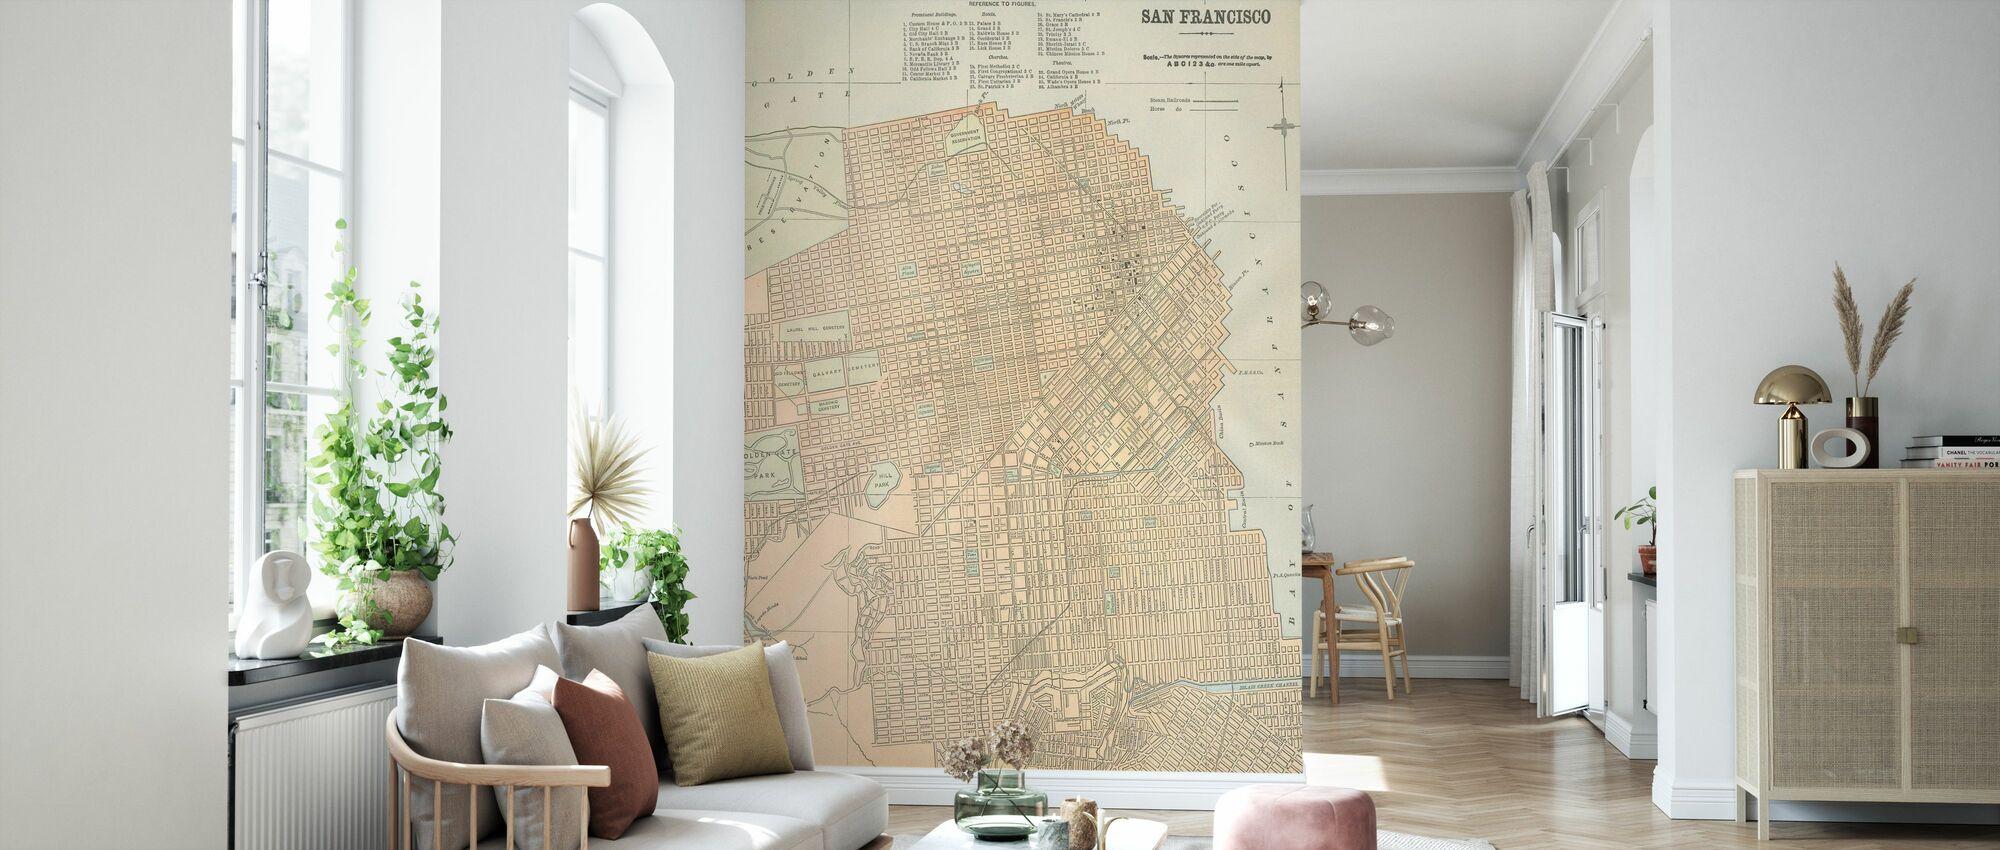 San Francisco Map - Wallpaper - Living Room